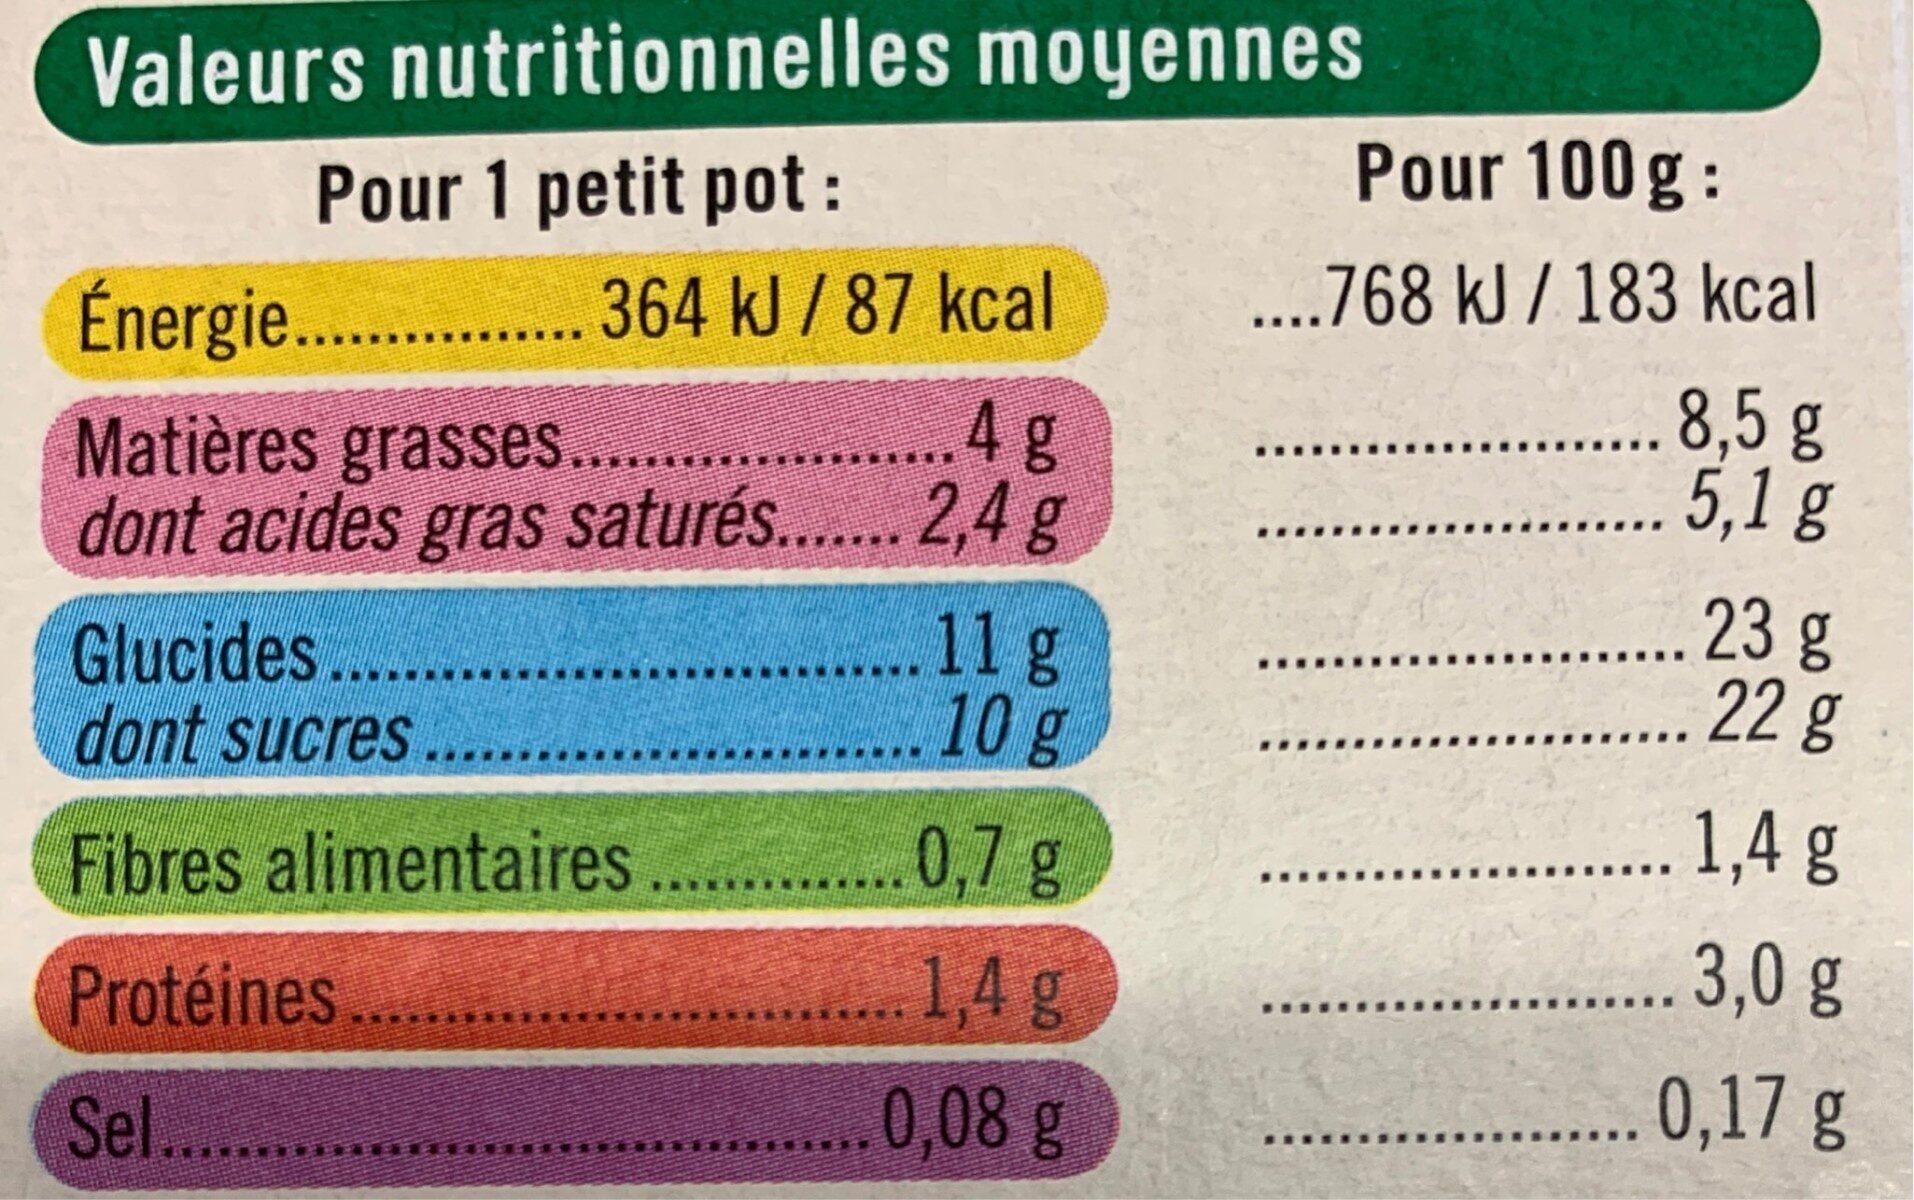 Petits pots vanillet/chocolat - Informations nutritionnelles - fr